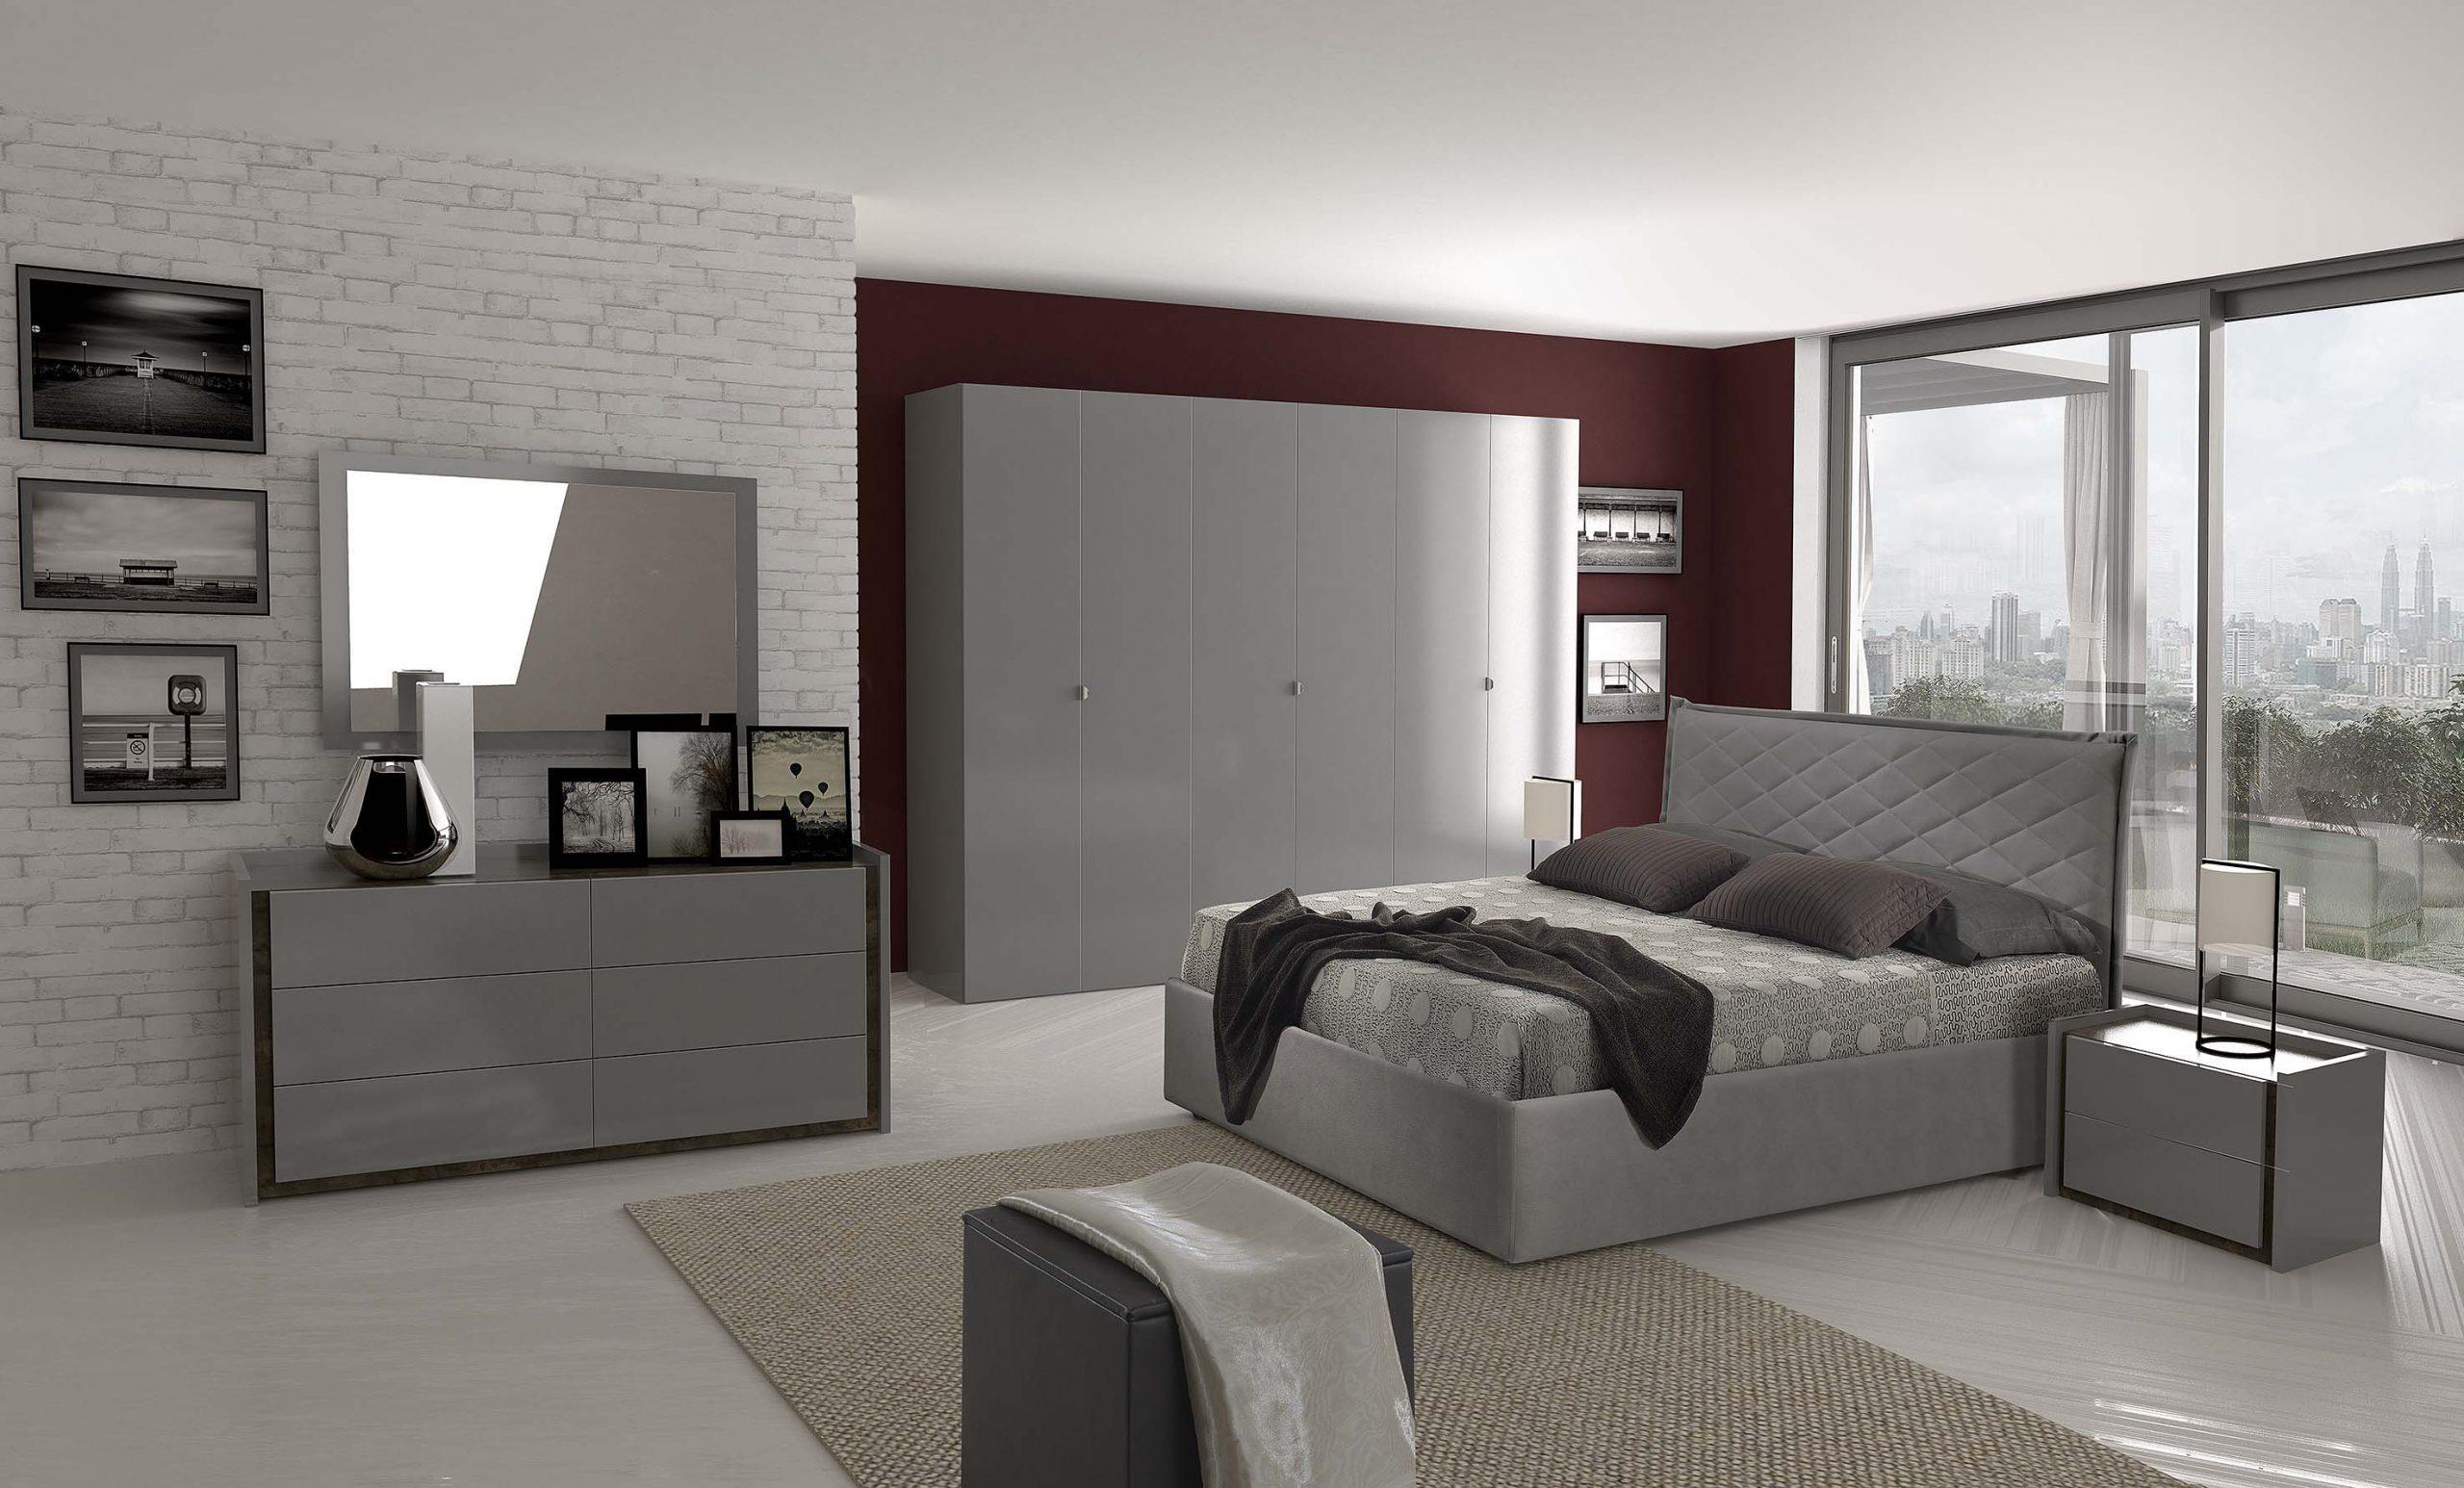 Full Size of Schlafzimmer Set Valencia Modern 160x200 Cm Mit Schrank 6 Trig Wandbilder Deckenlampe Gardinen Schränke Deckenleuchten Komplett Poco Nolte Matratze Und Schlafzimmer Schlafzimmer Set